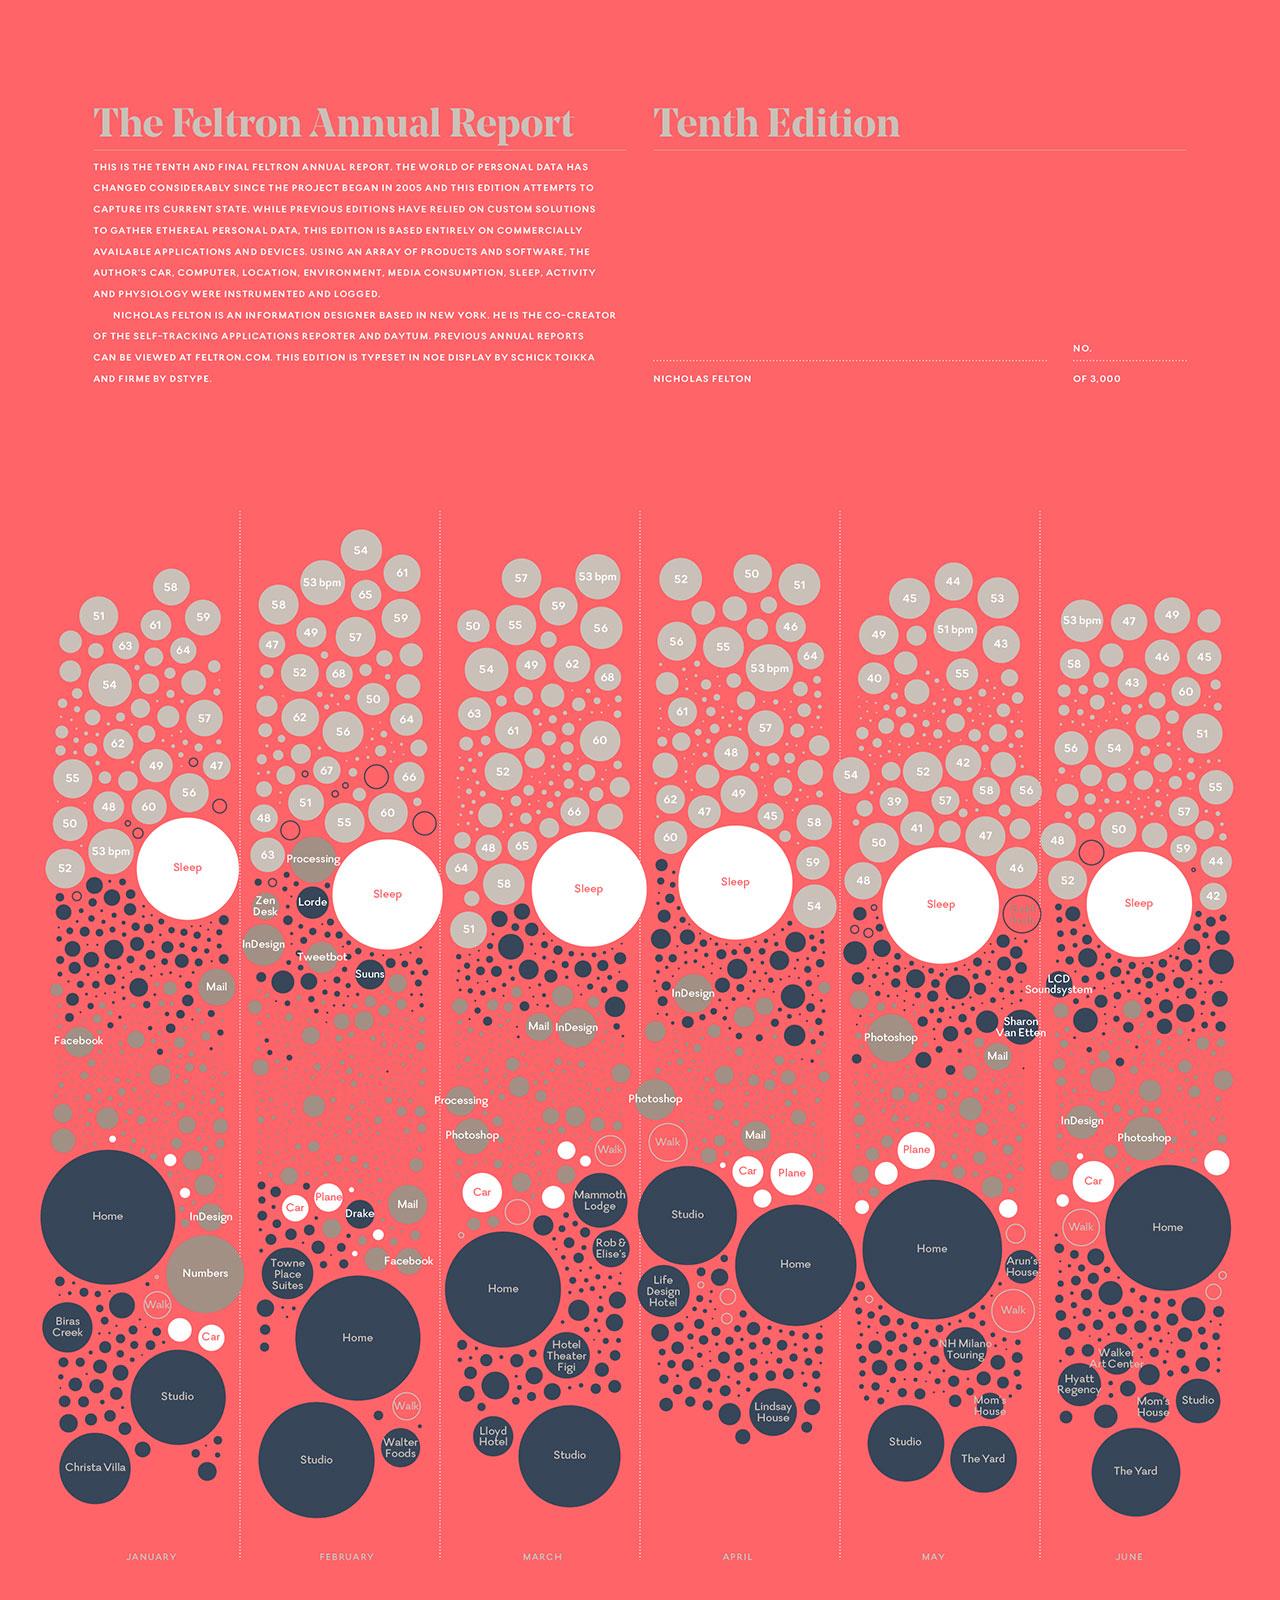 Визуализация данных от Nicholas Felton